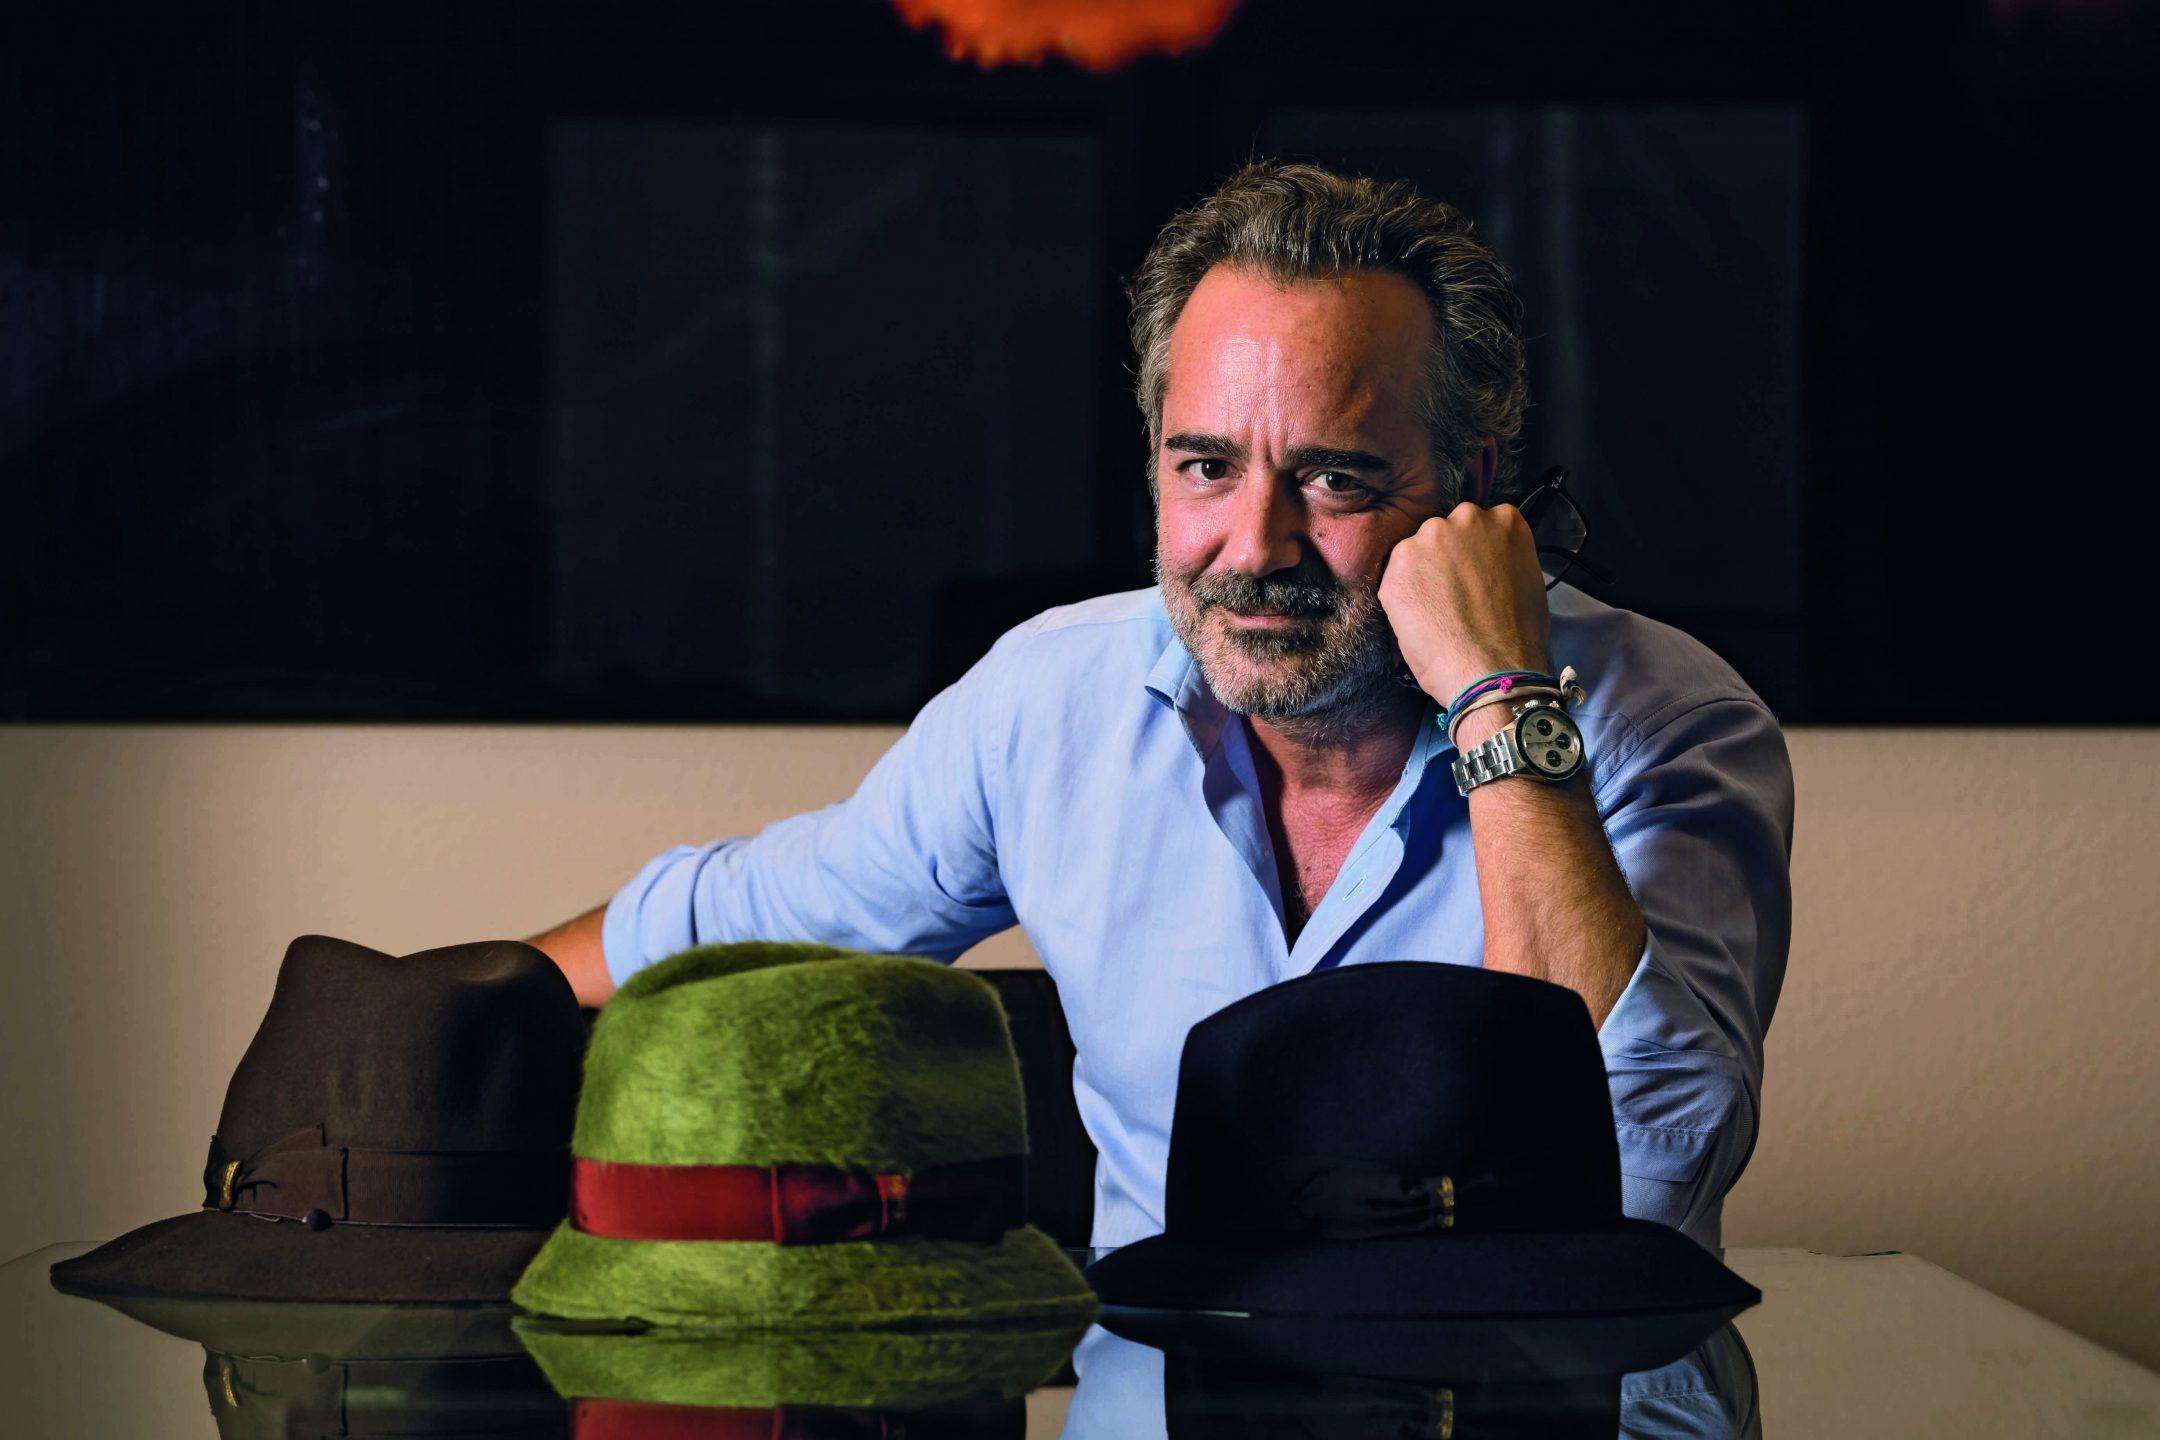 L imprenditore italo-svizzero Philippe Camperio è riuscito a salvare  Borsalino dal fallimento investendo più di 10 milioni di euro. (Lionel  Flusin dc097a1d1cae